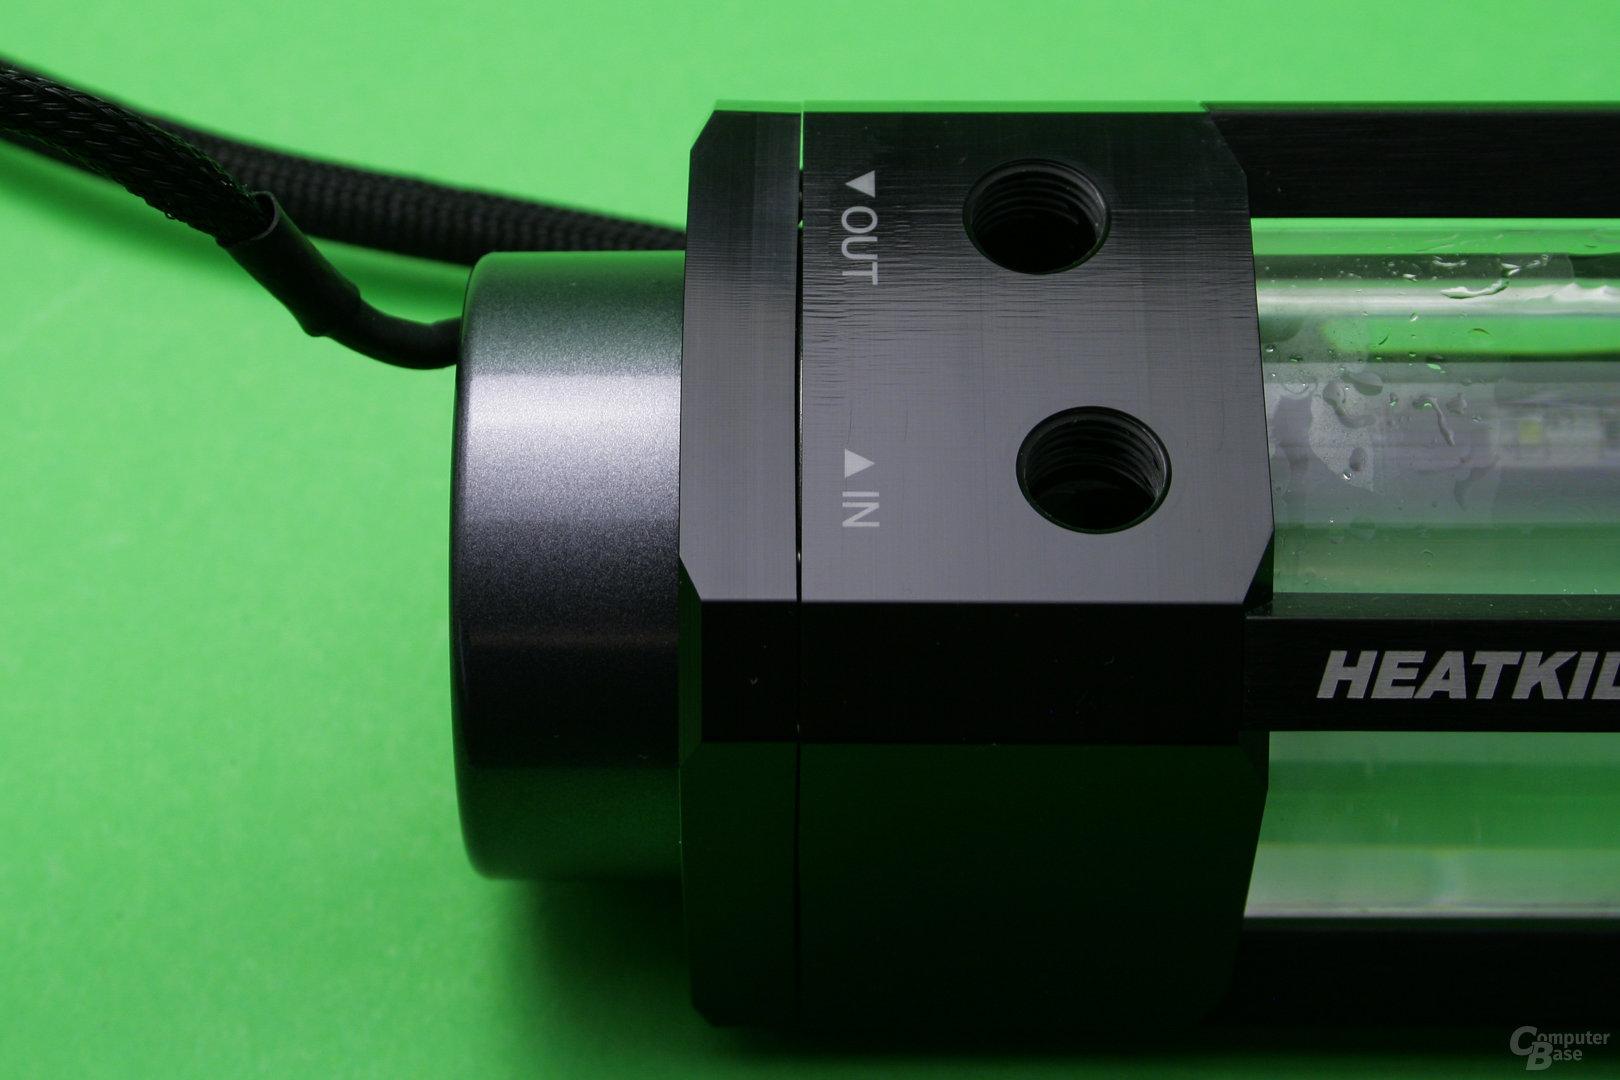 VPP755 mit Heatkiller Tube: Spalt zwischen Rahmen und Pumpendeckel